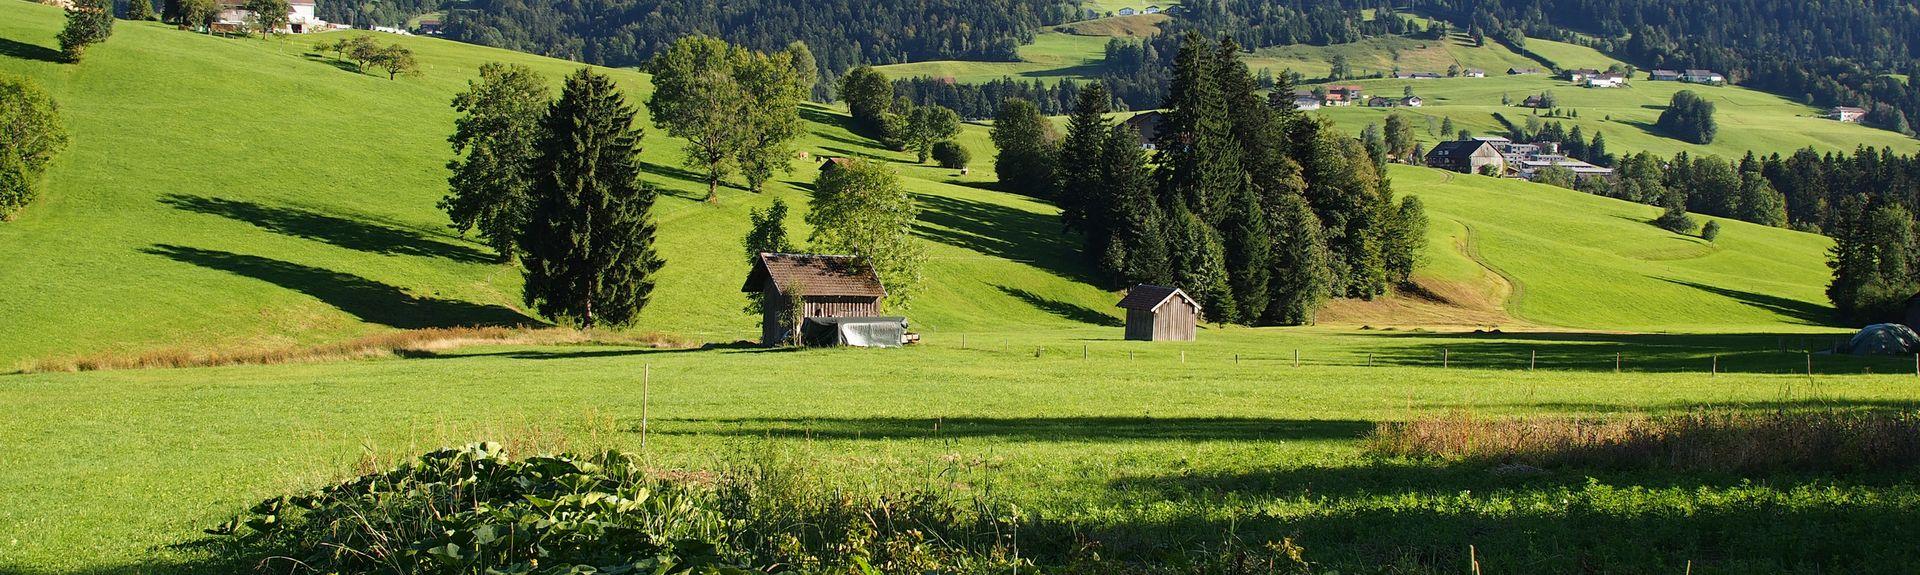 RANKWEIL (Gare), Rankweil, Vorarlberg, Autriche